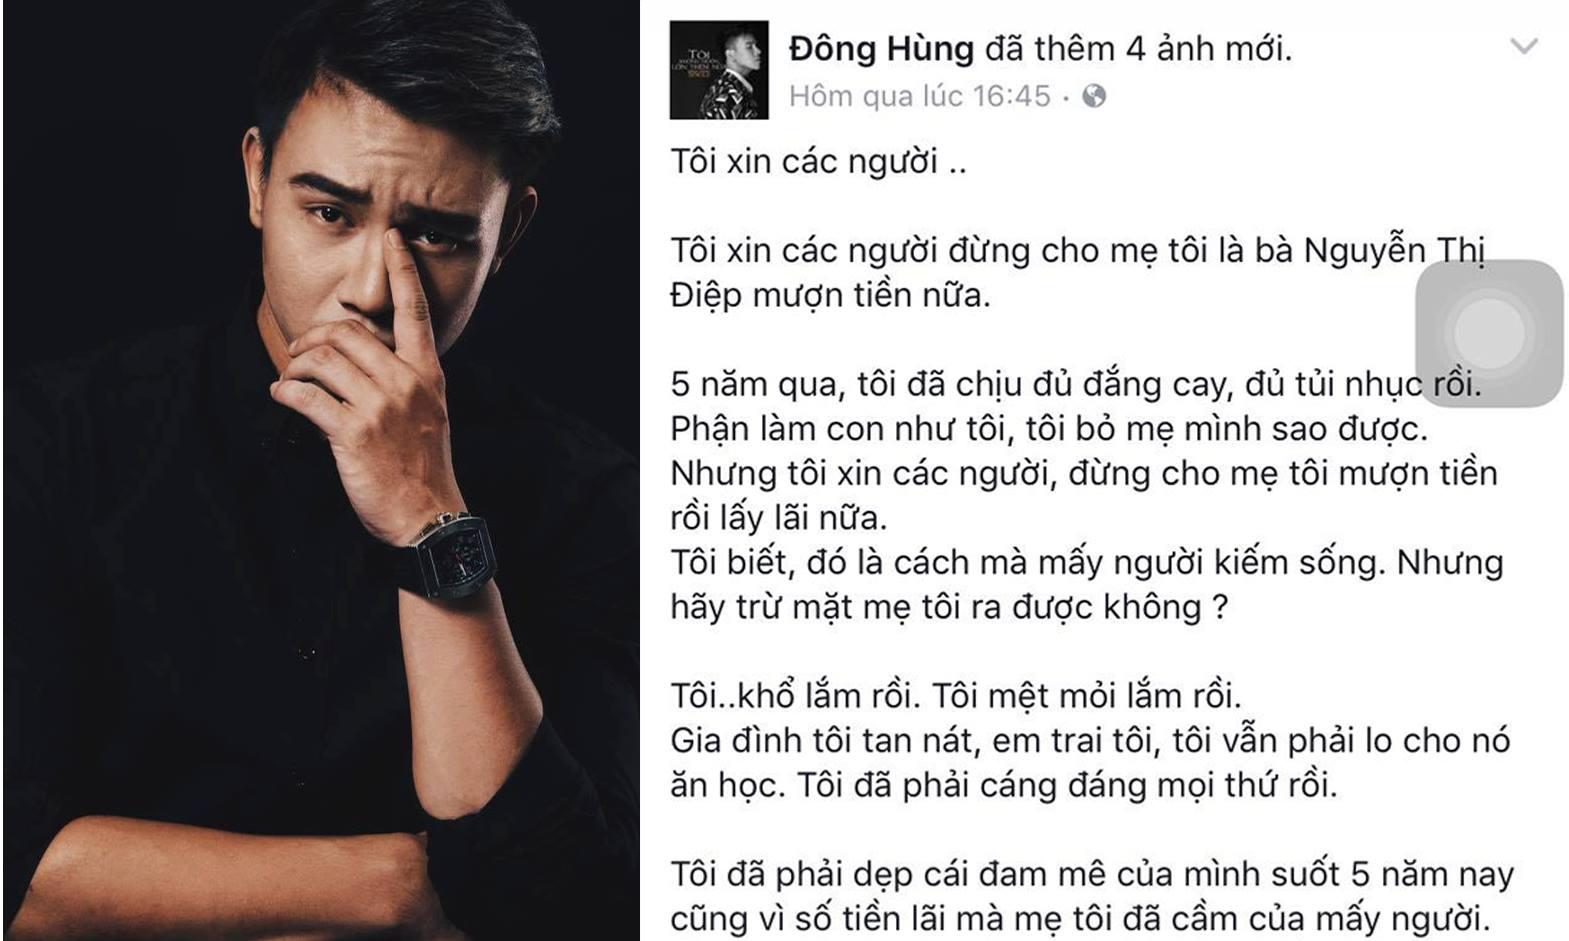 Nghệ sĩ Việt xót xa khi Đông Hùng bị hành hung gây thương tích vì món nợ của mẹ